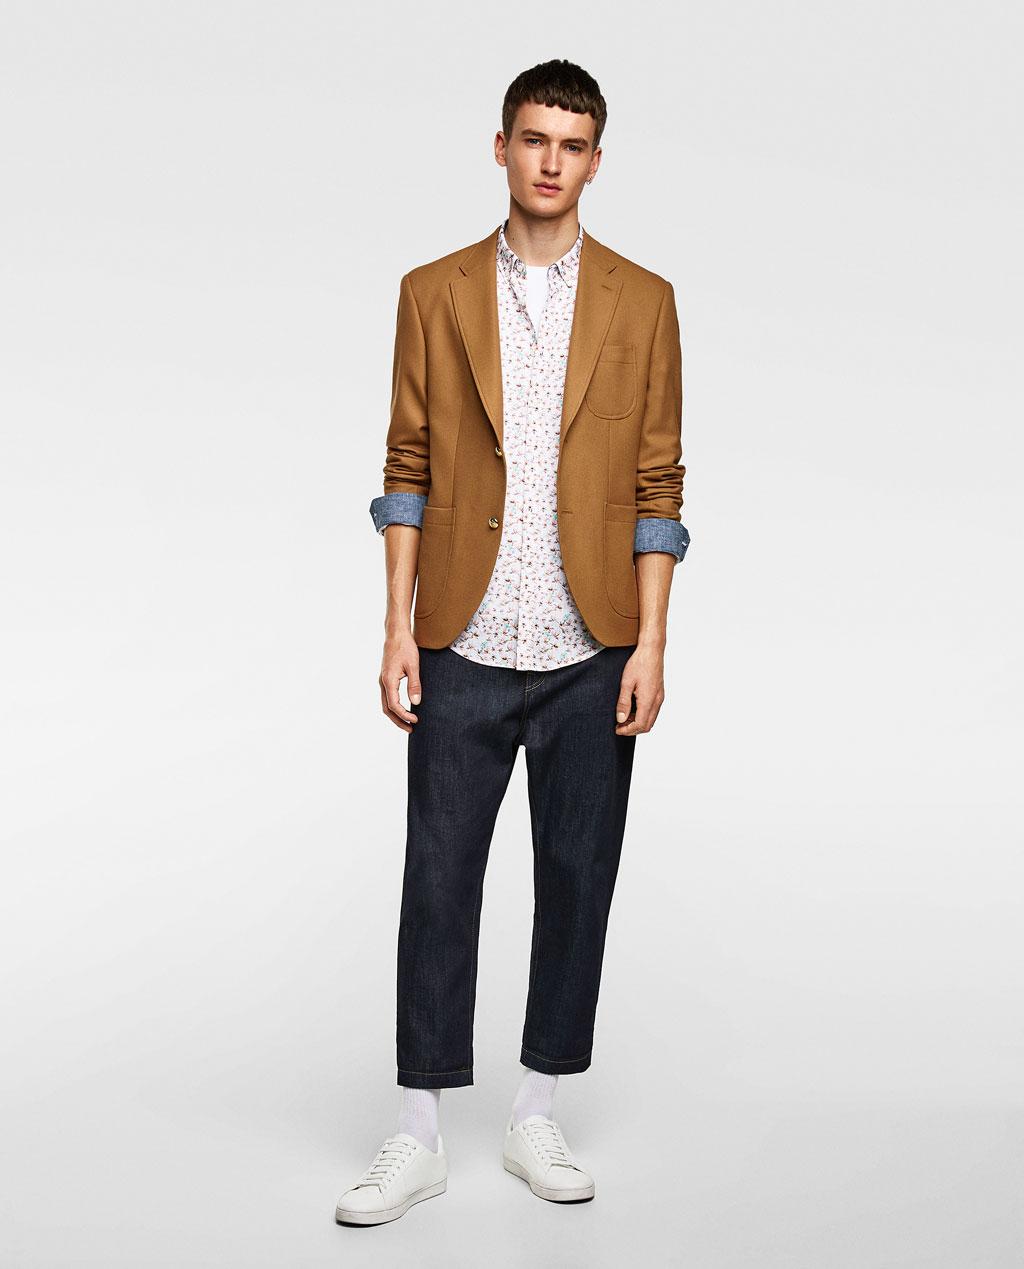 Thời trang nam Zara  24092 - ảnh 3